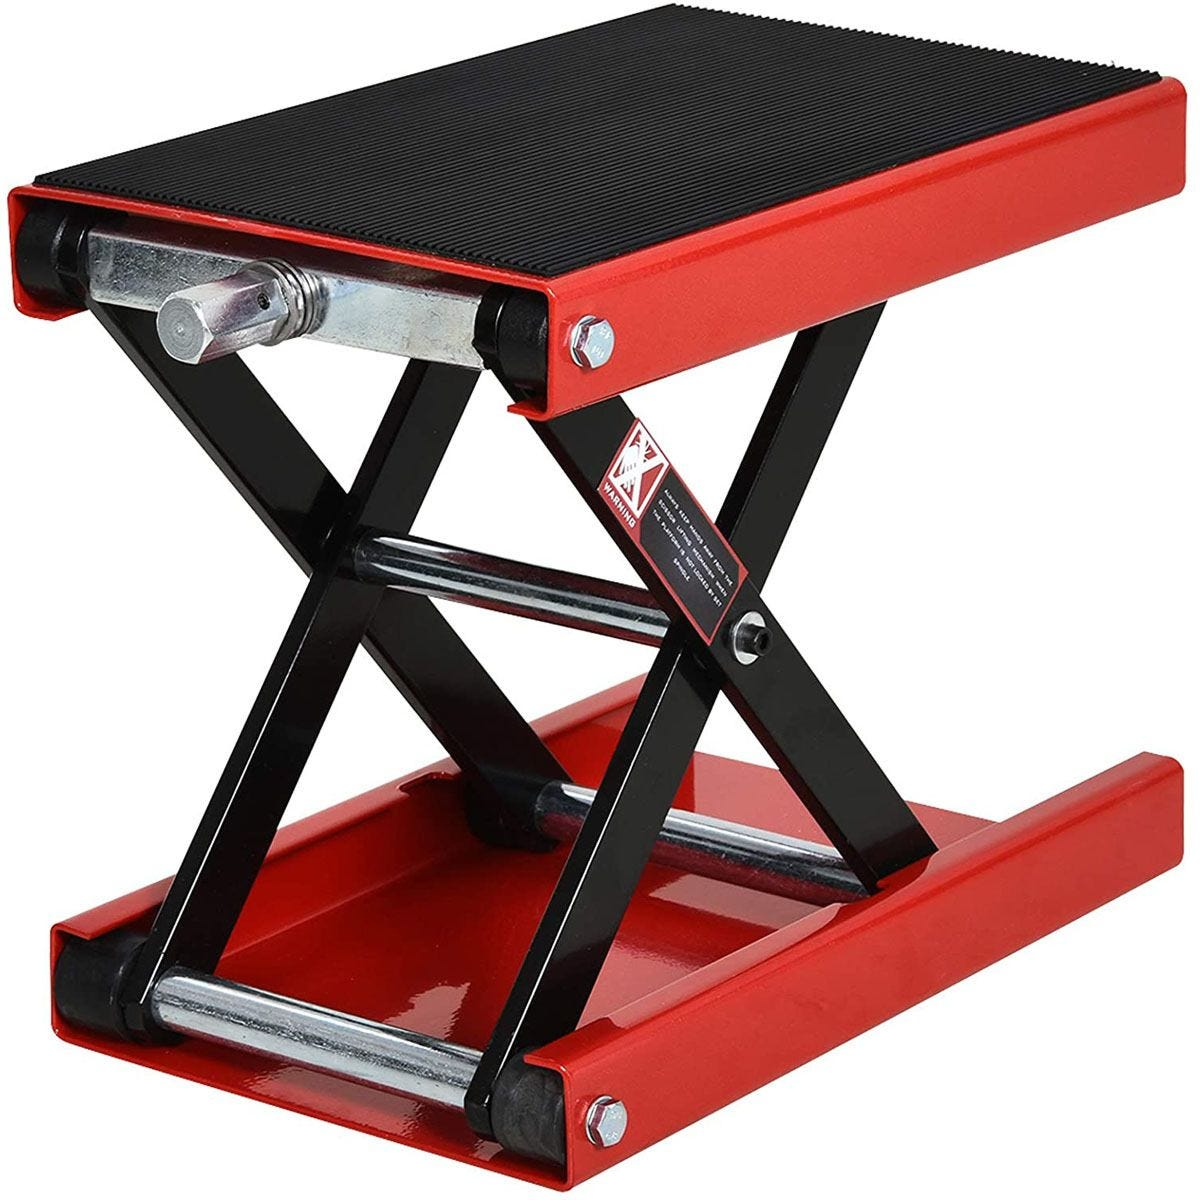 Durhand Steel Manual Repair Motorcycle Lift Platform - Red